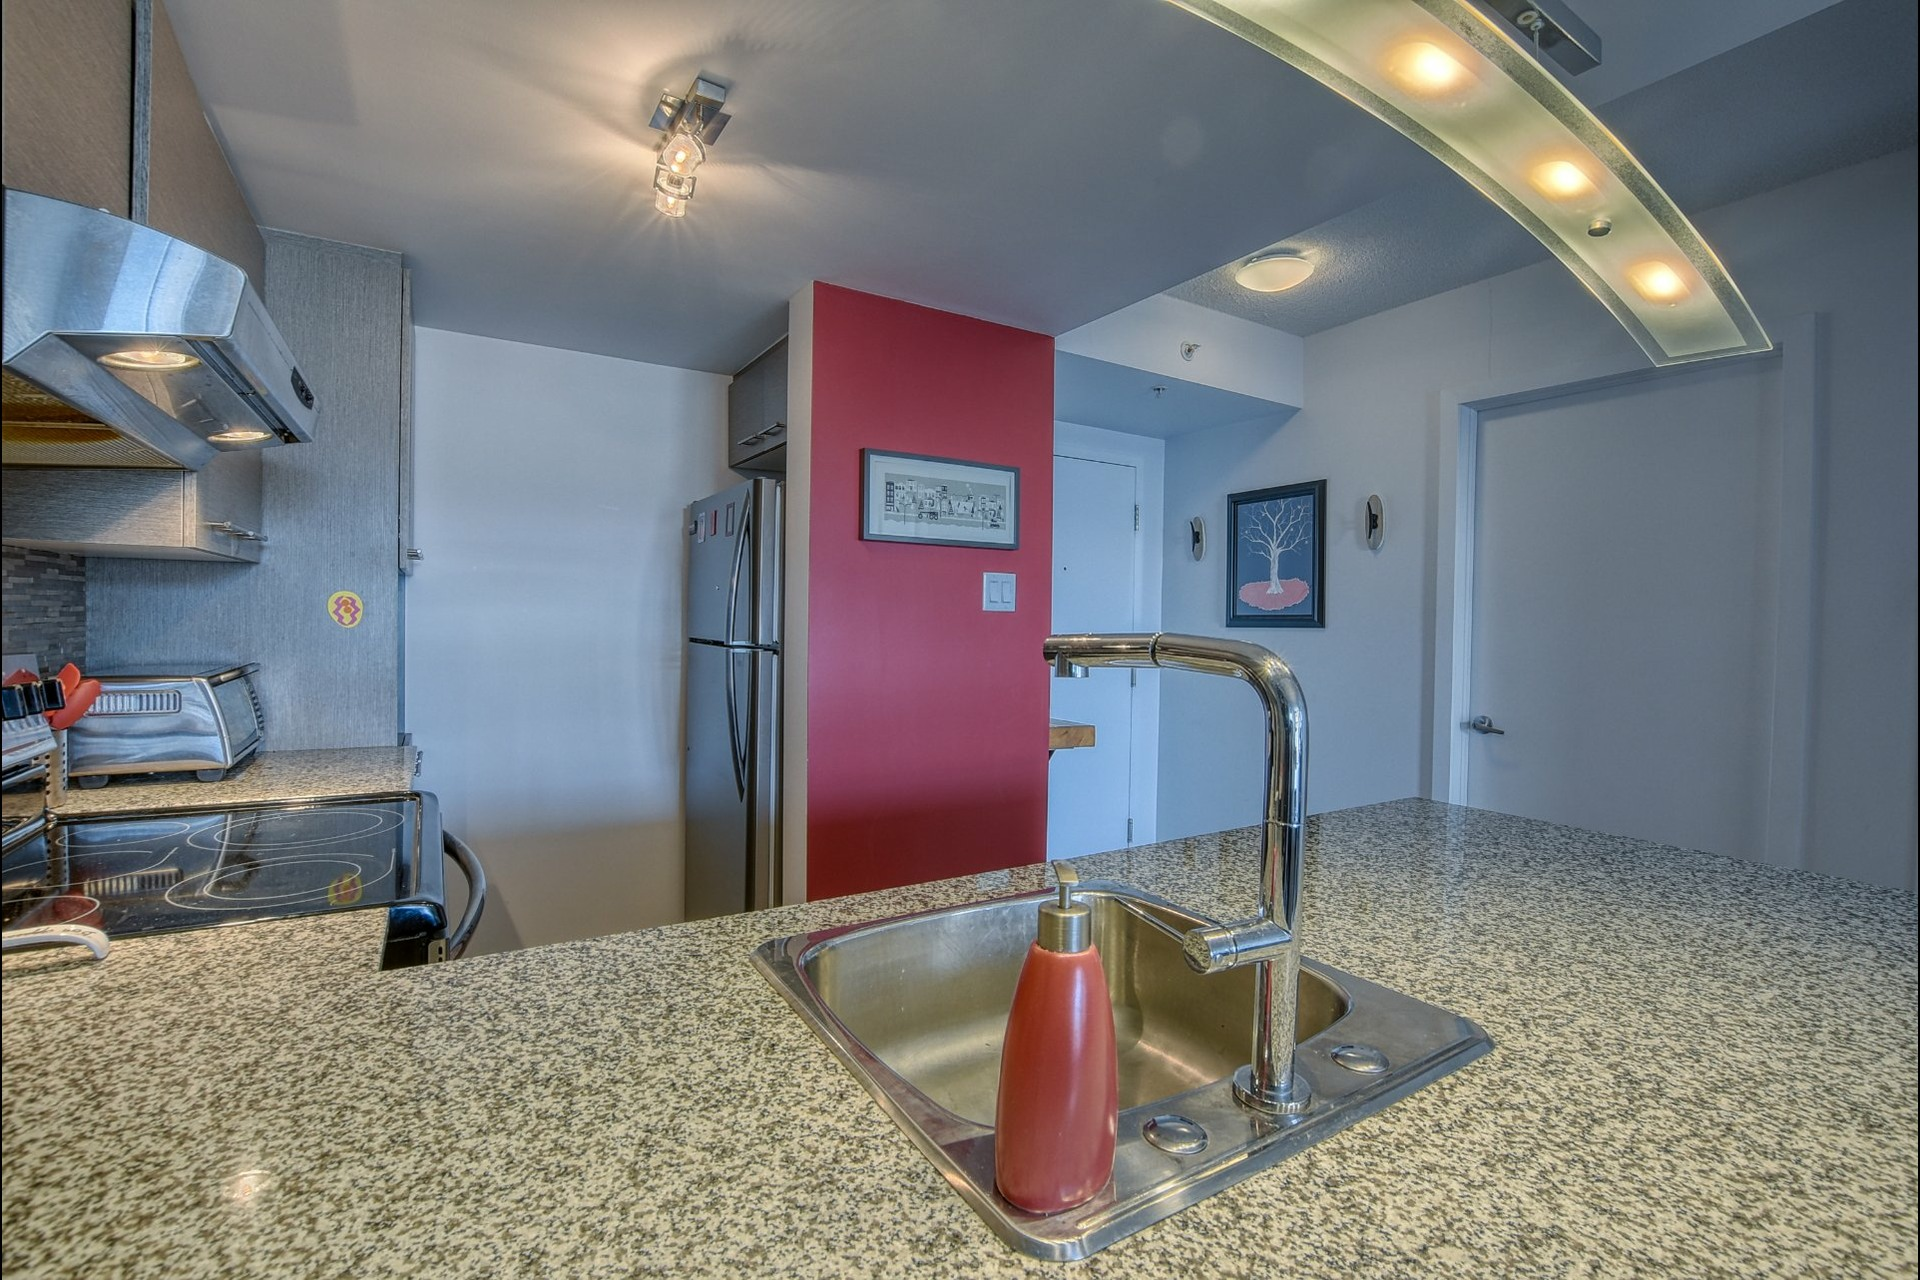 image 5 - Appartement À vendre Ahuntsic-Cartierville Montréal  - 4 pièces